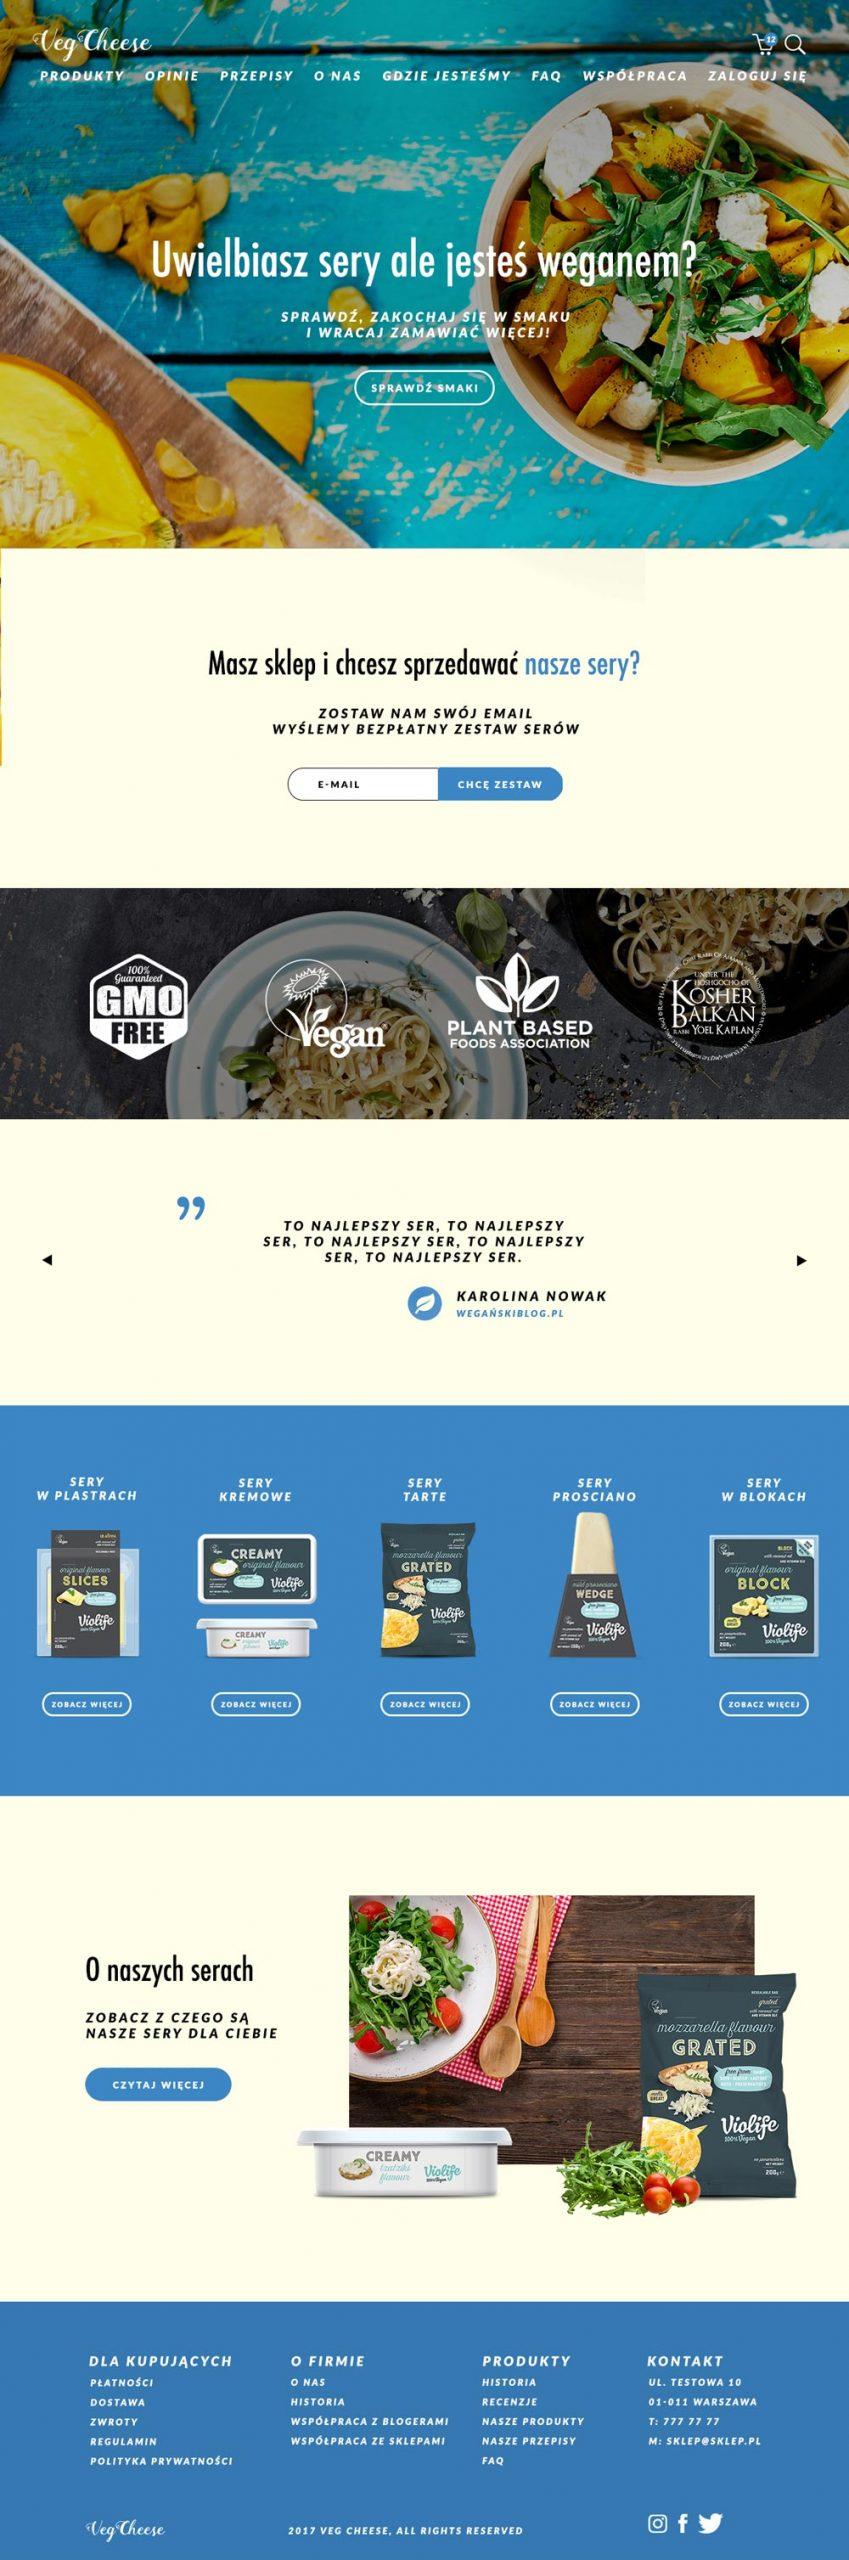 Realizacja sklepu internetowego – VegeSklep.pl